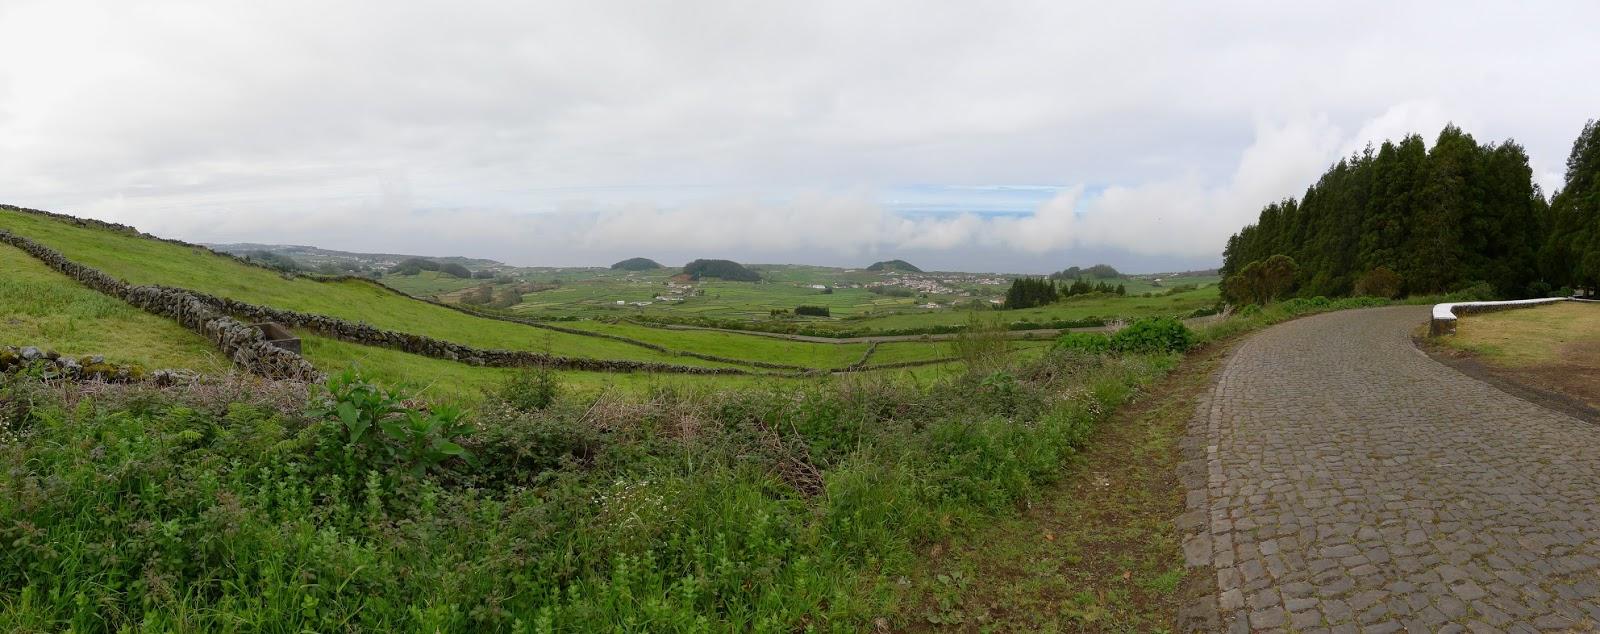 P1140167_Panorama.jpg